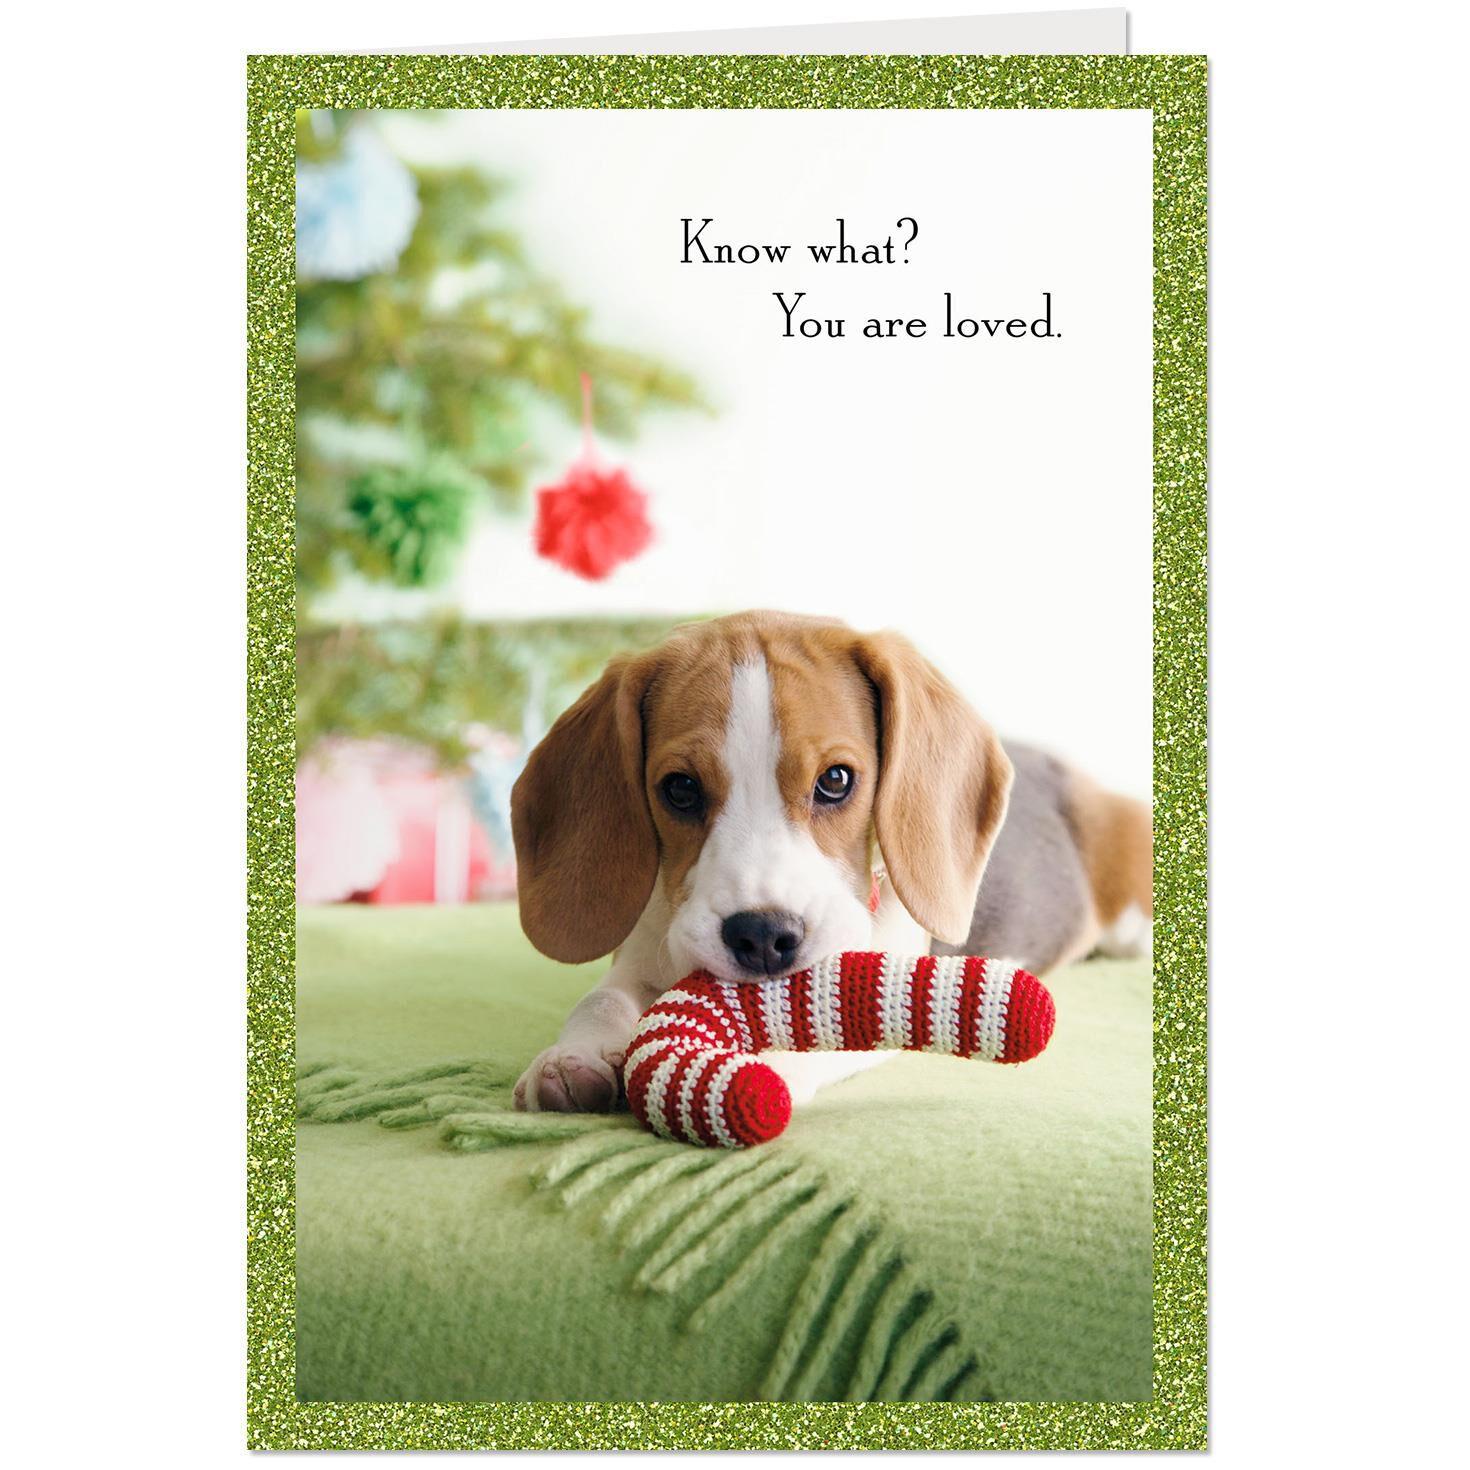 Dog Christmas Cards.You Are Loved Christmas Dog Christmas Card